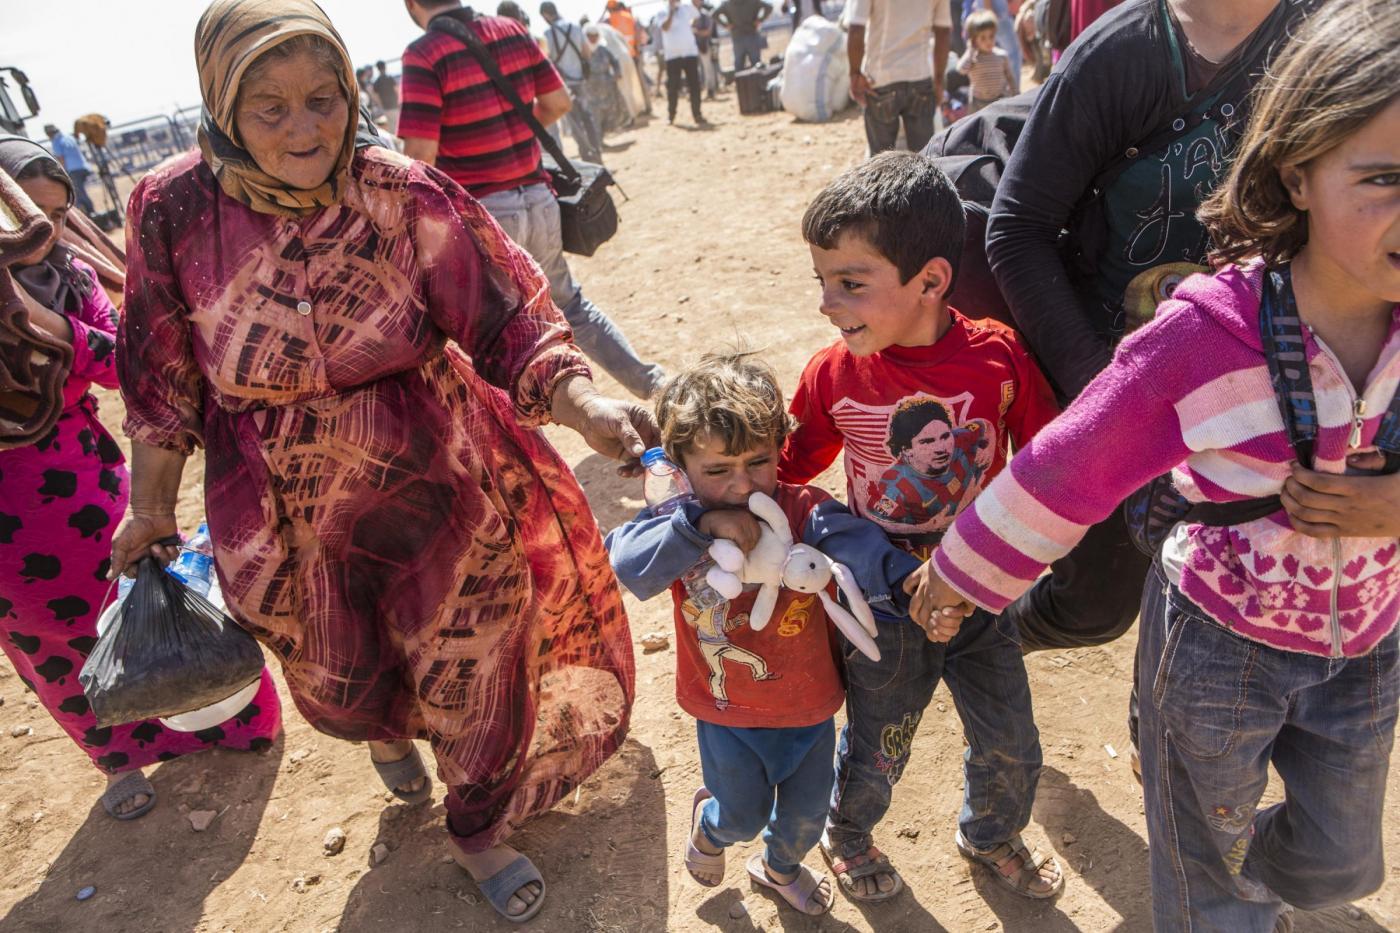 Miglia di profughi siriani in fuga verso la Turchia